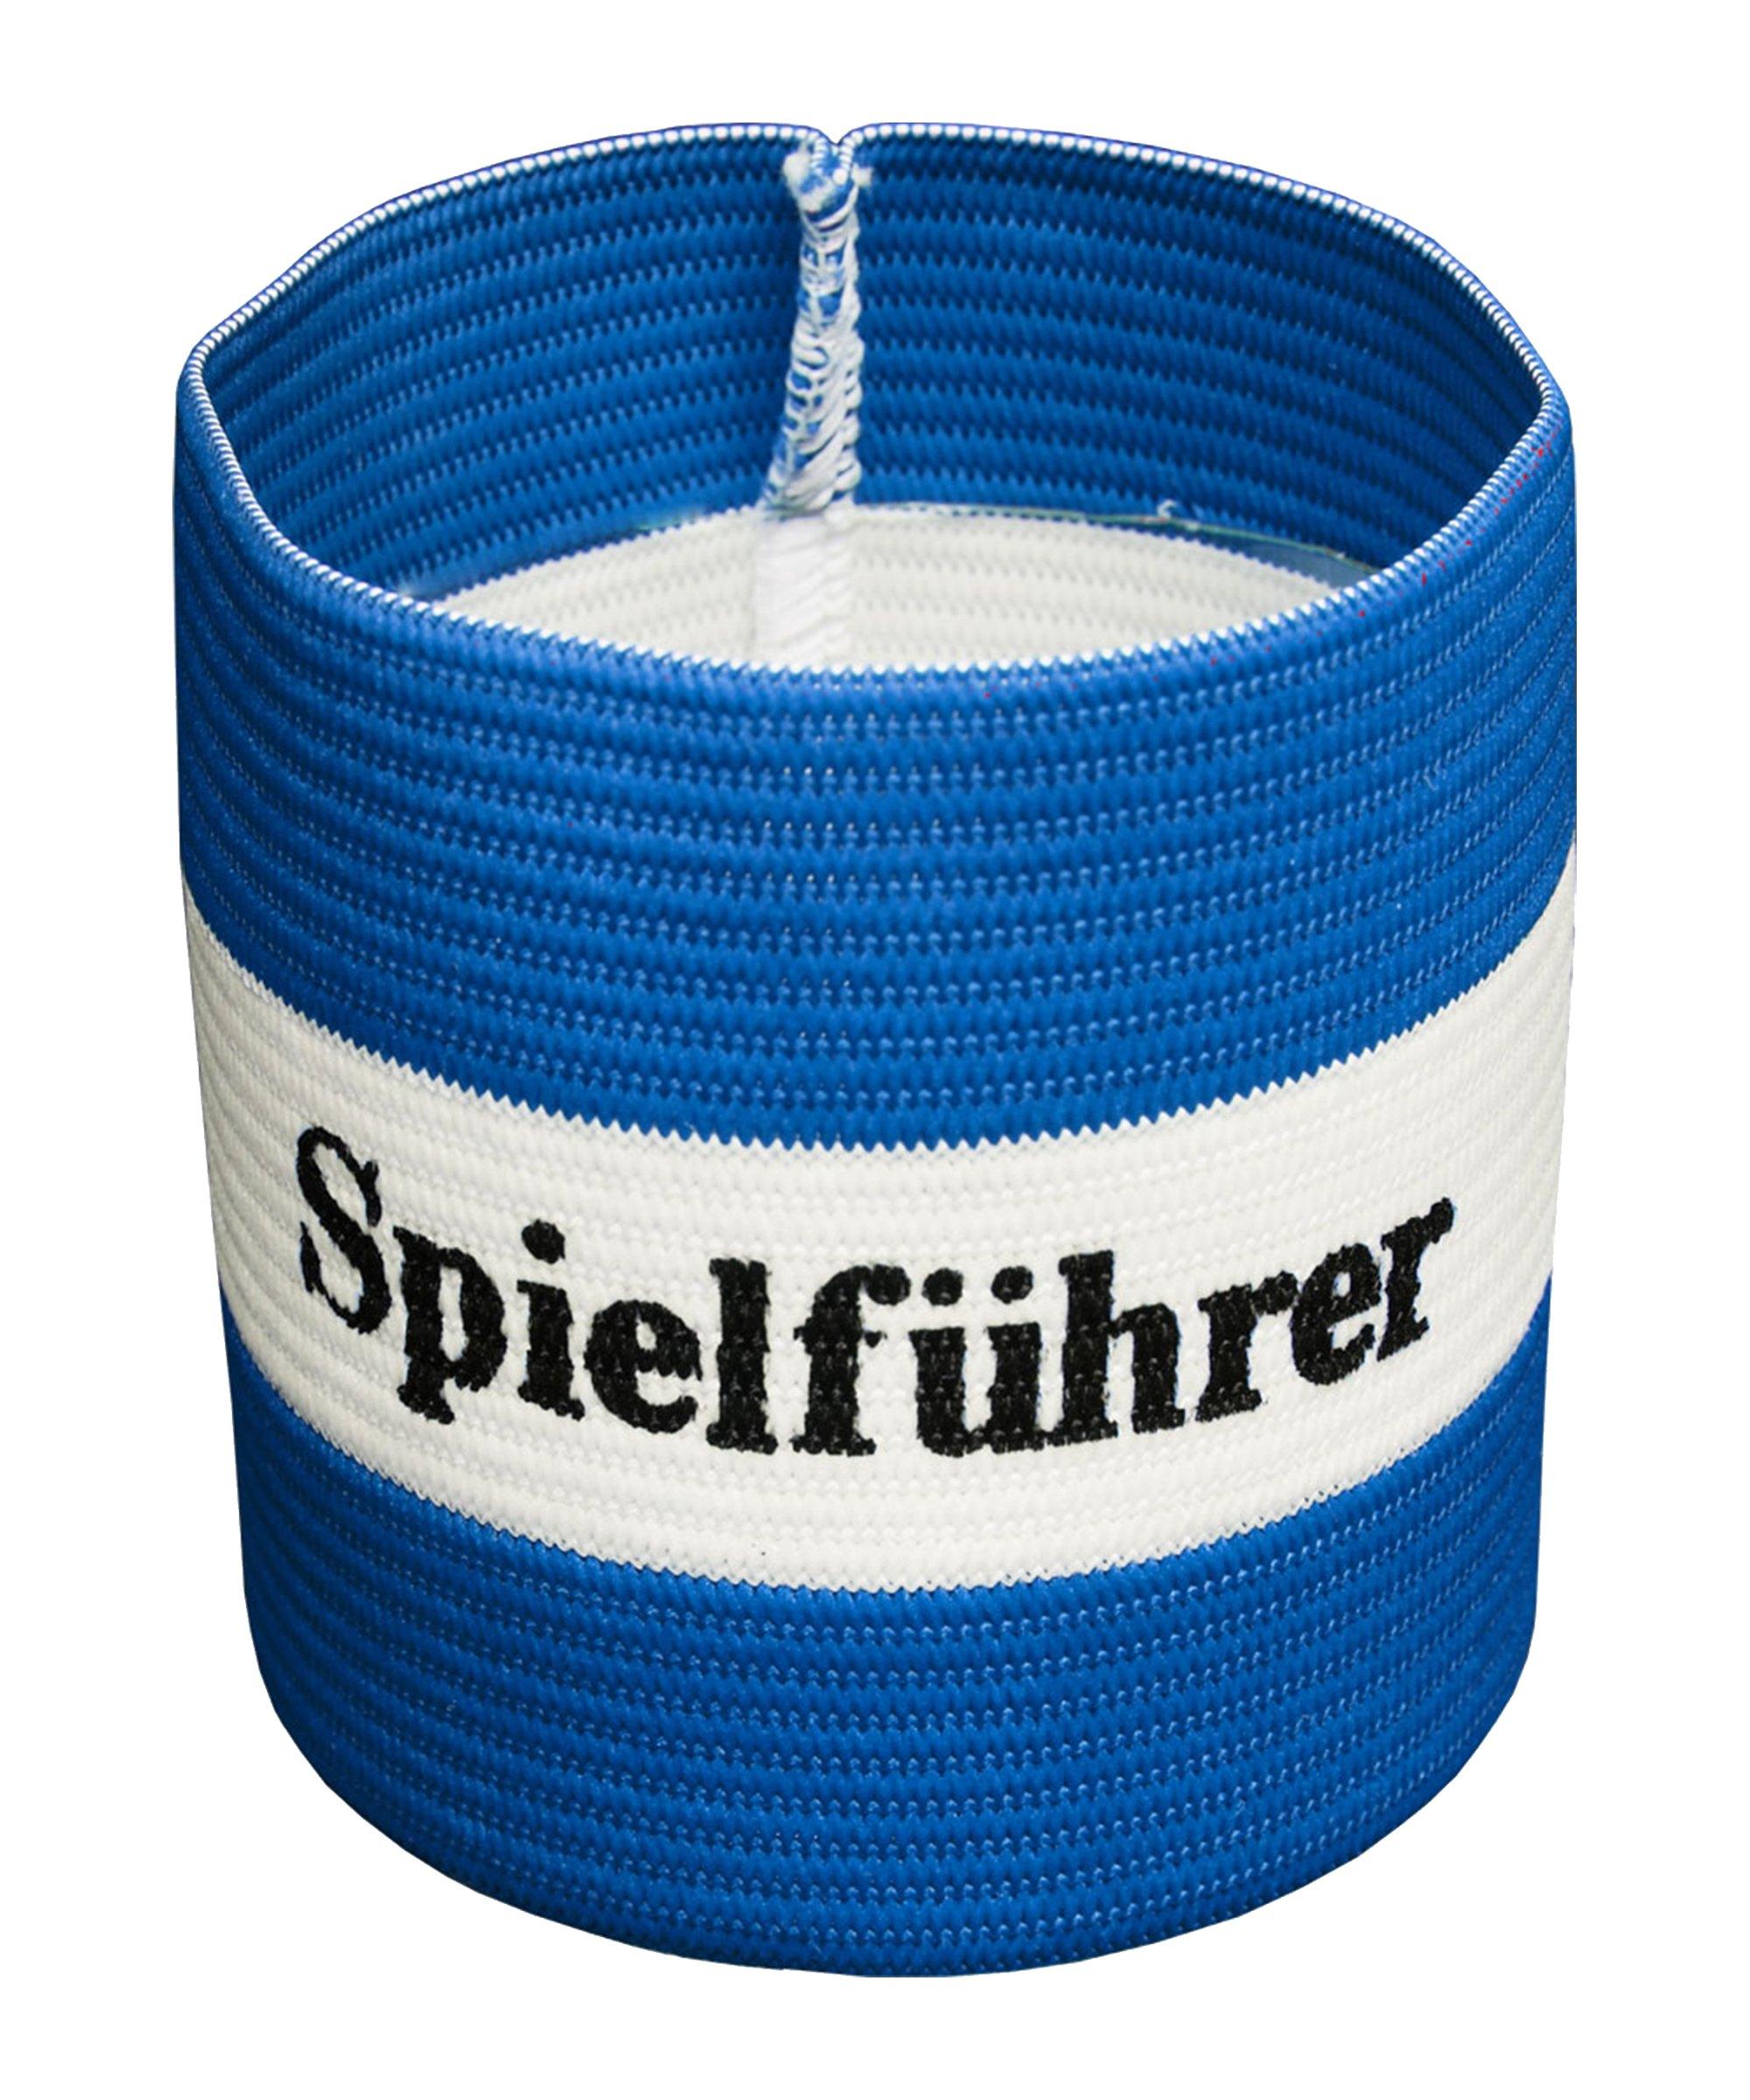 Cawila Spielführer Armbinde Junior Blau - blau